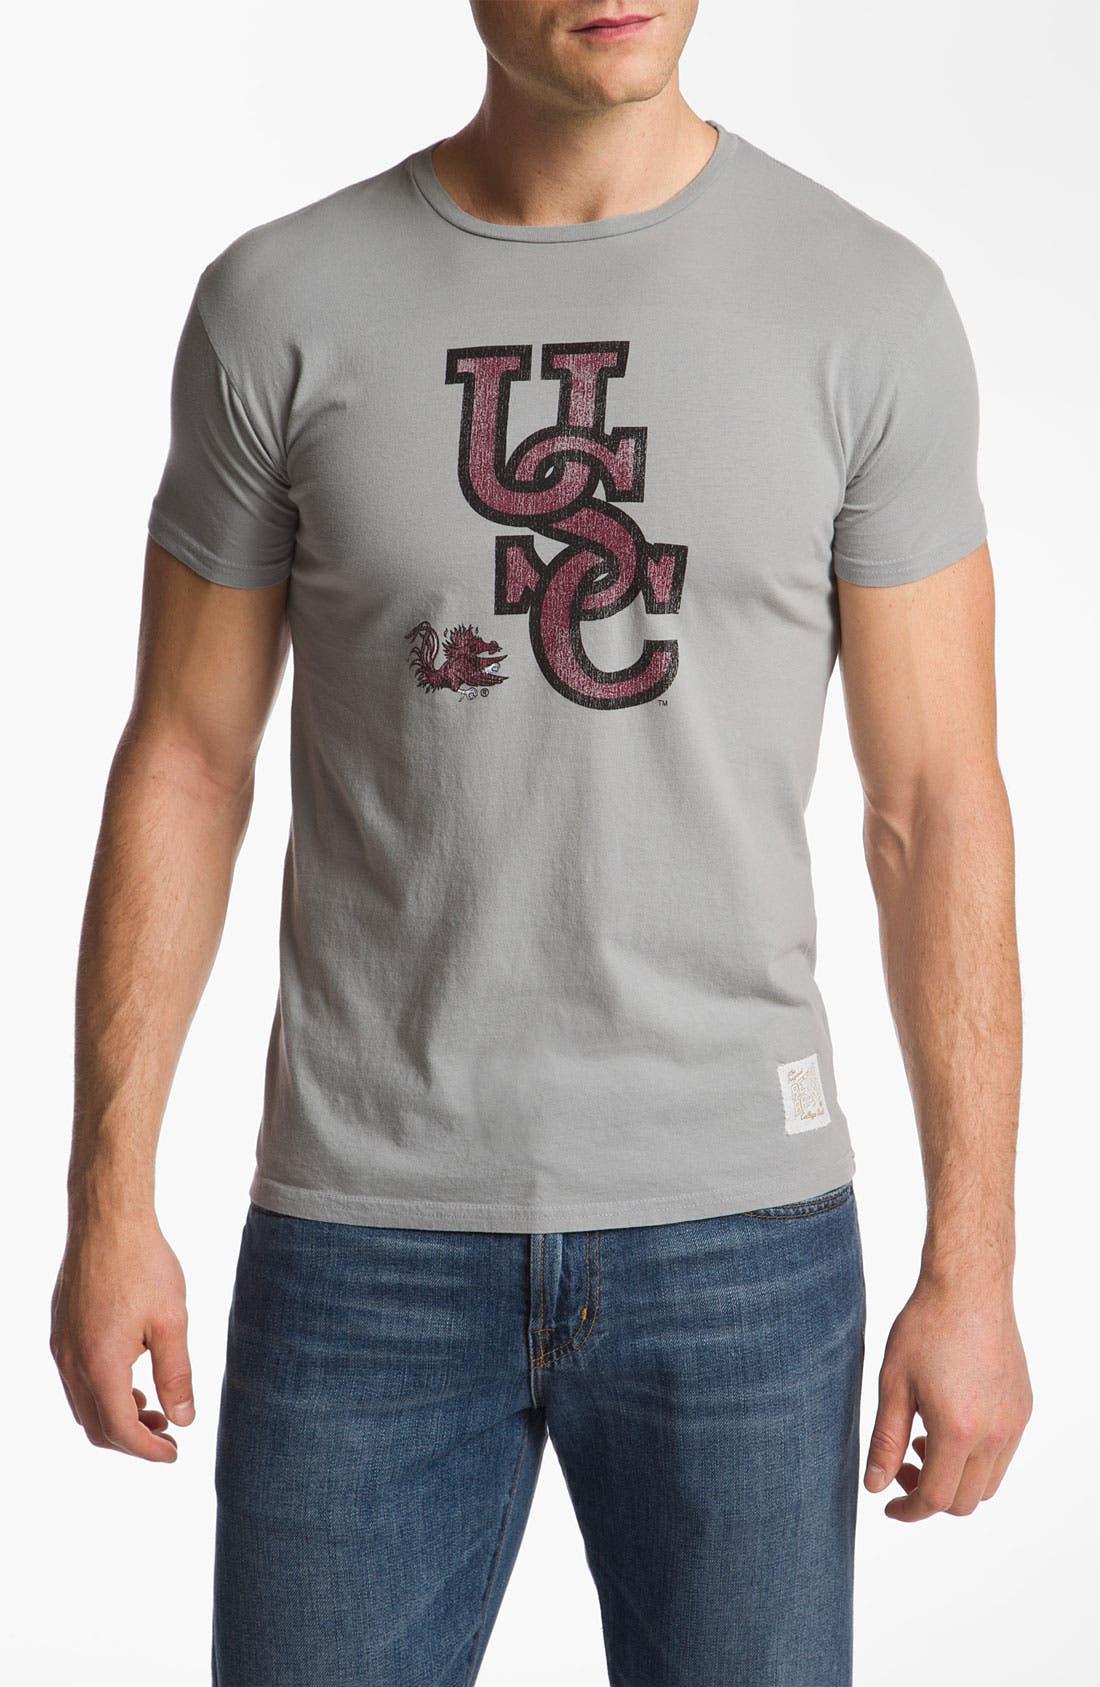 Alternate Image 1 Selected - The Original Retro Brand 'South Carolina Gamecocks' T-Shirt